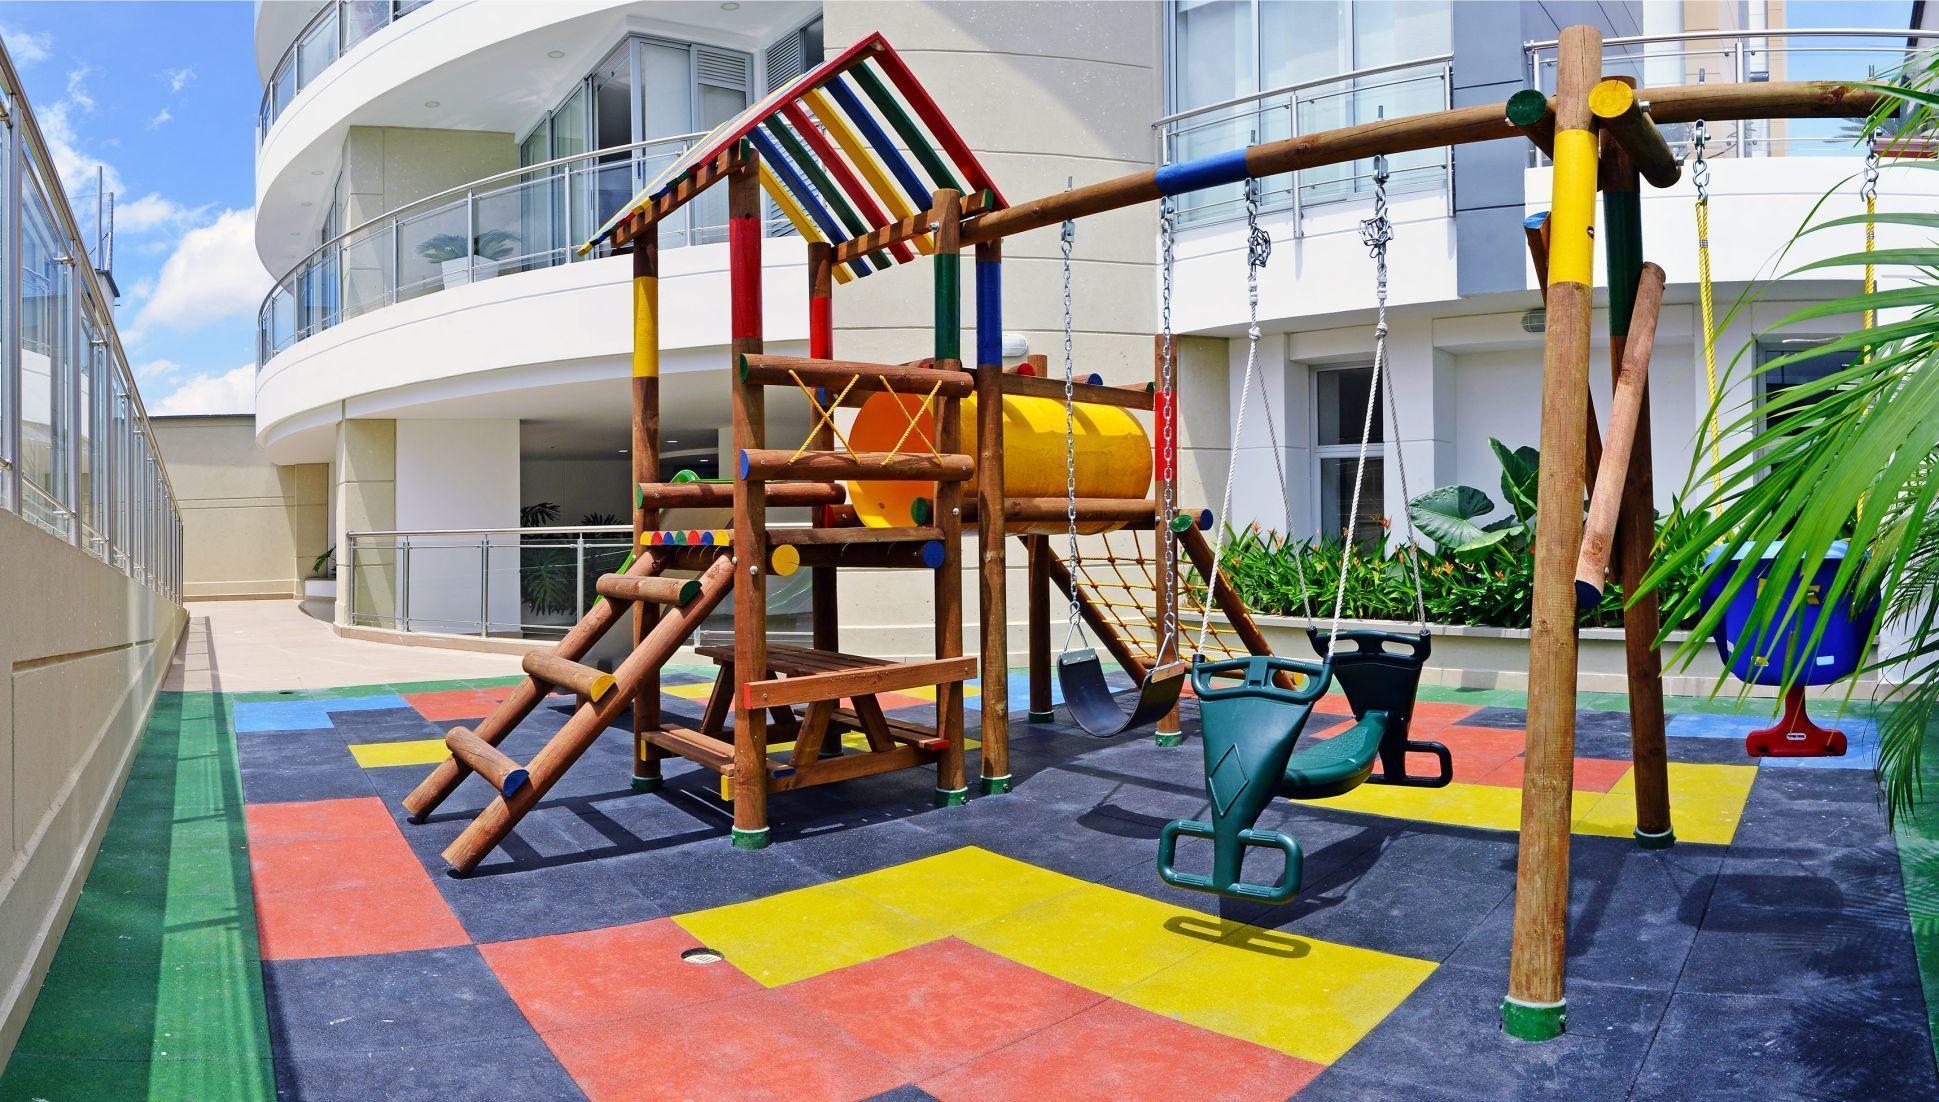 apartamentos en venta, proyecto bonum de mardel, constructora mardel bucaramanga